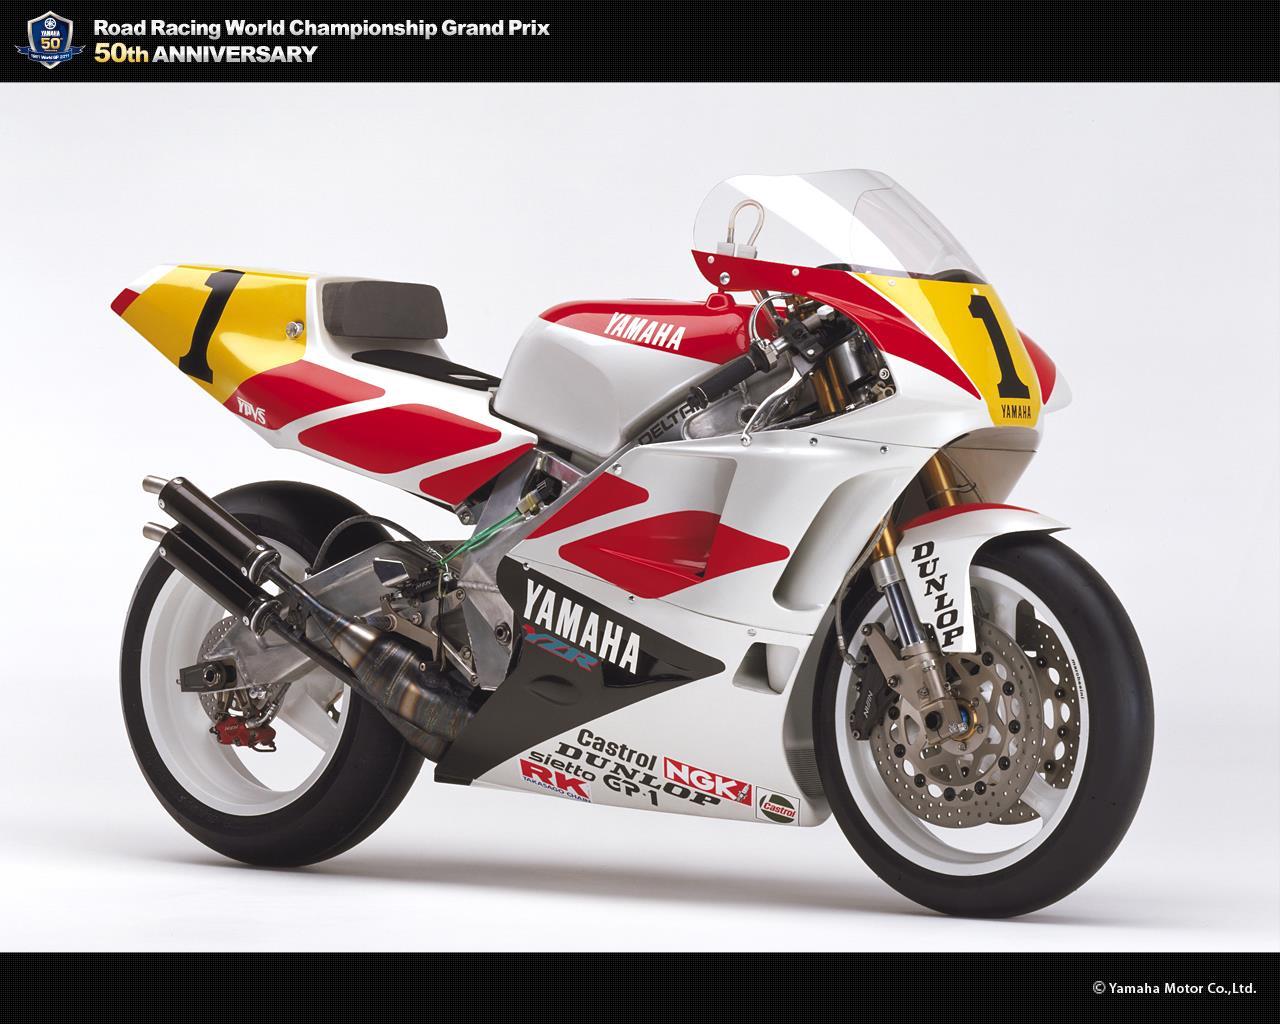 Bradley Smith to ride YZR-500 two-stroke GP bike